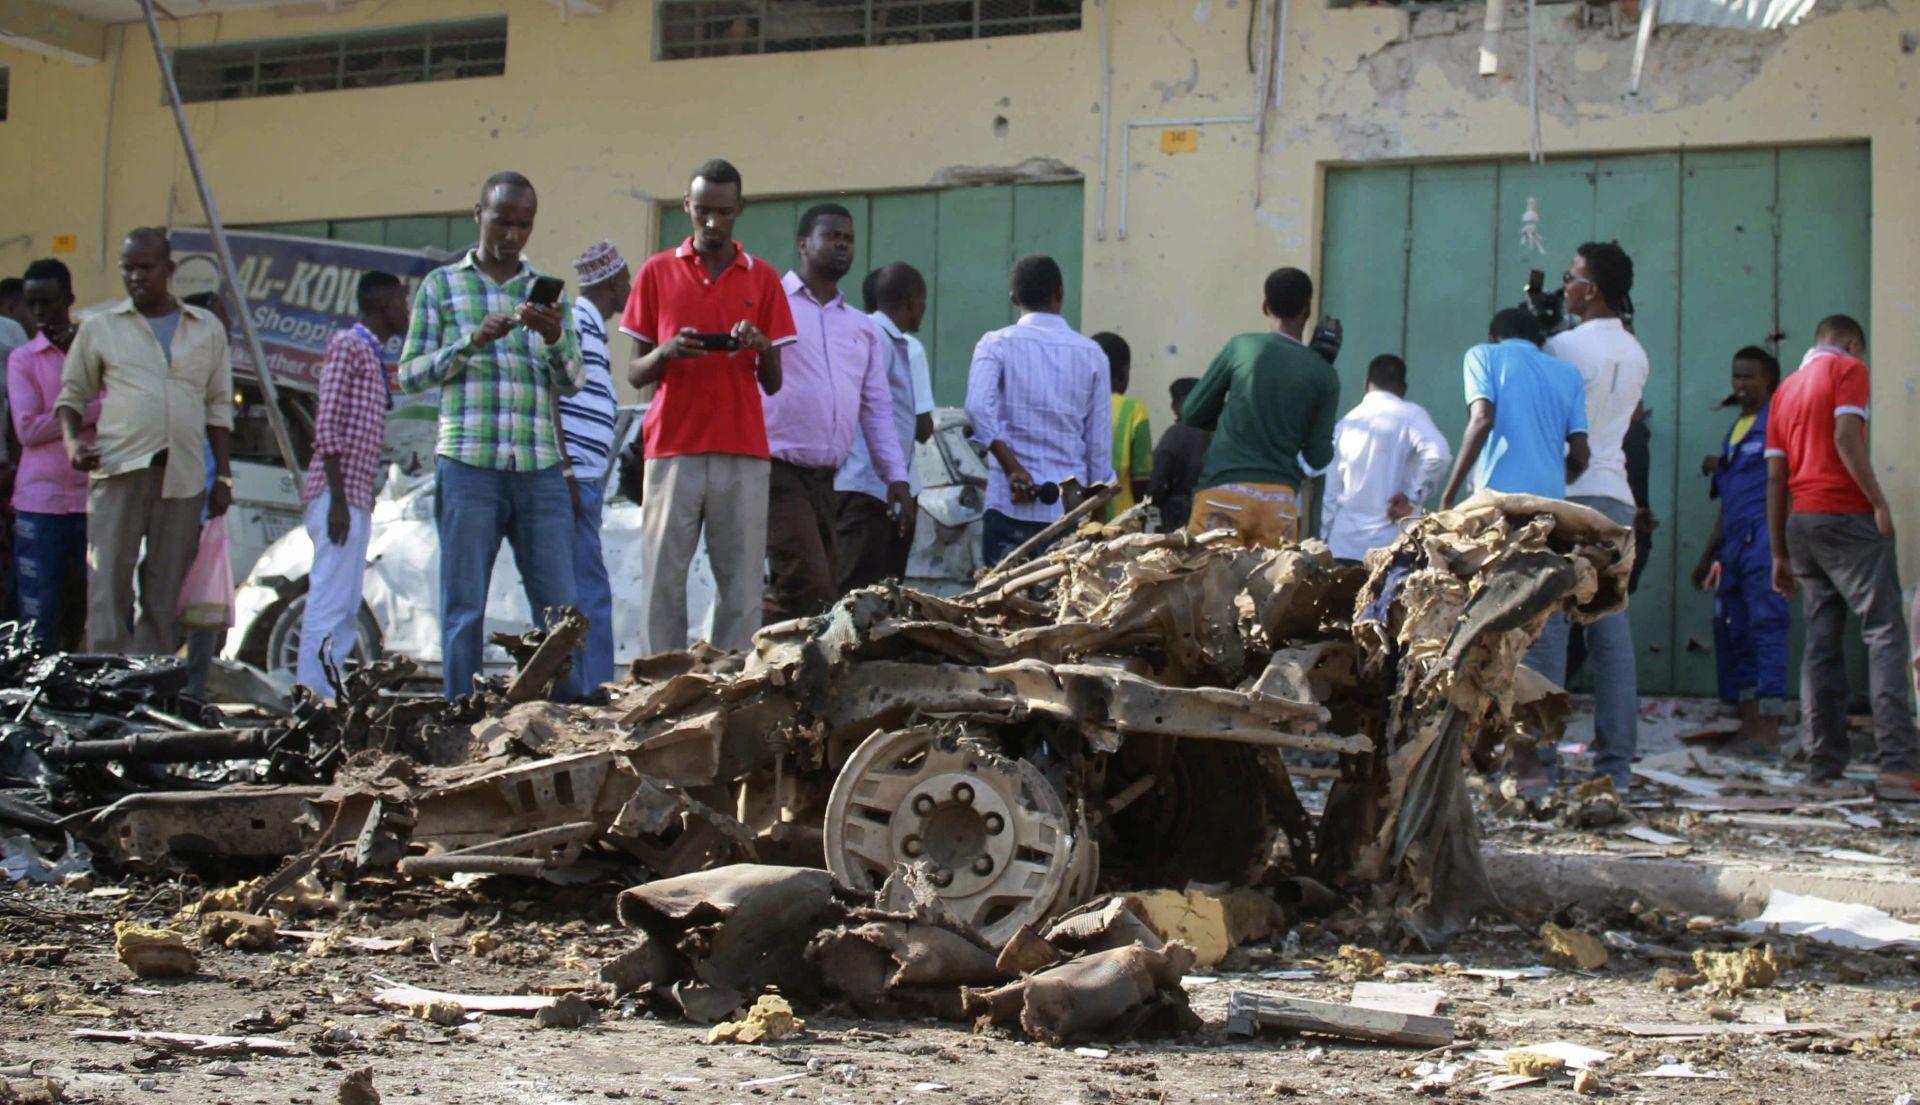 SOMALIJA Militanti al-Sababa napali bazu Afričke unije, tvrde da su ubili 60 kenijskih vojnika